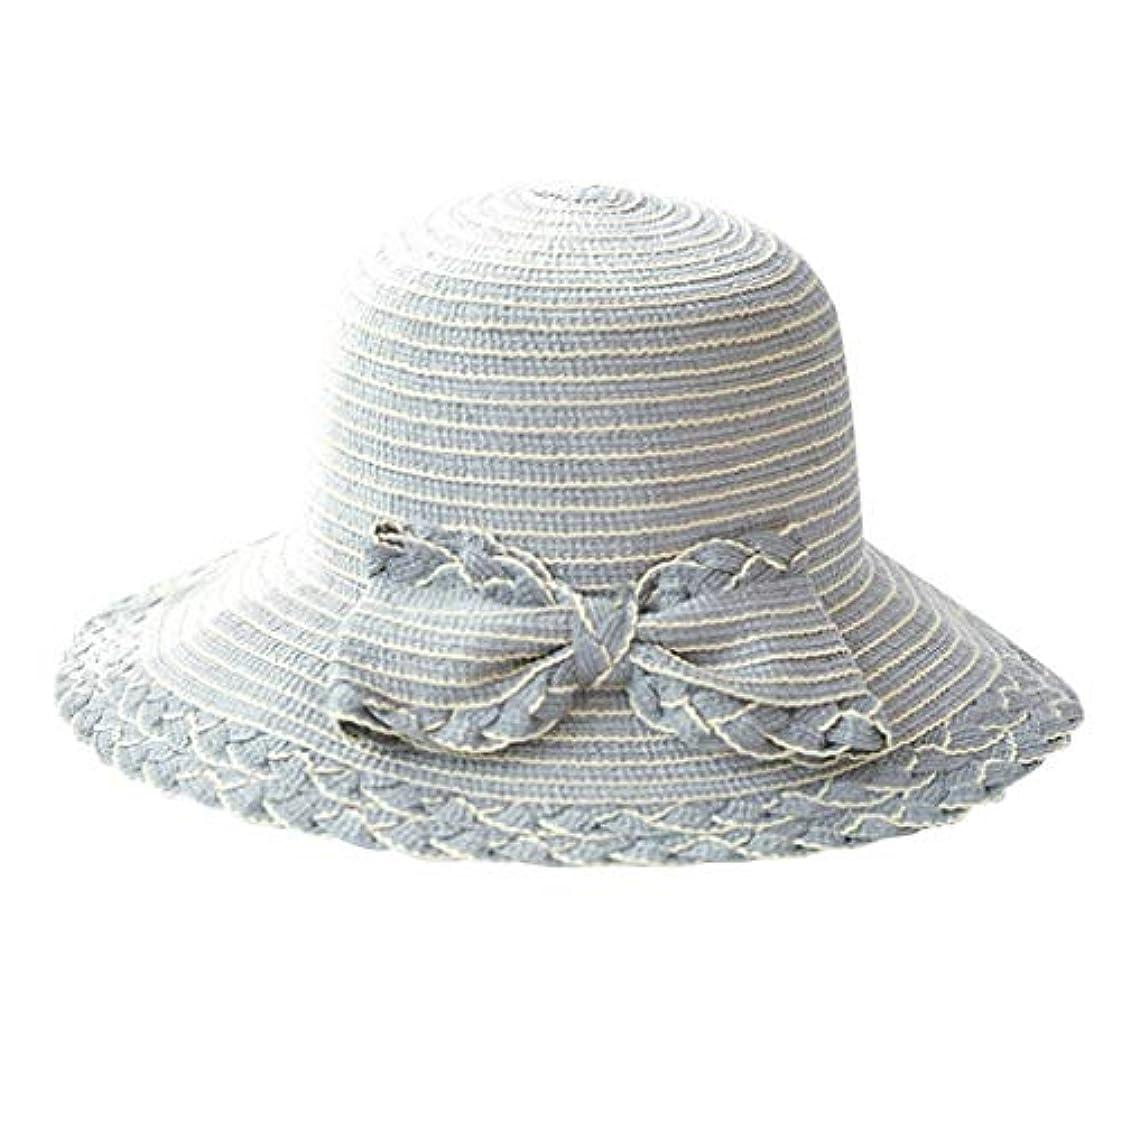 符号準備したピース夏 帽子 レディース UVカット 帽子 ハット レディース 日よけ 夏季 女優帽 日よけ 日焼け 折りたたみ 持ち運び つば広 吸汗通気 ハット レディース 紫外線対策 小顔効果 ワイヤー入る ハット ROSE ROMAN